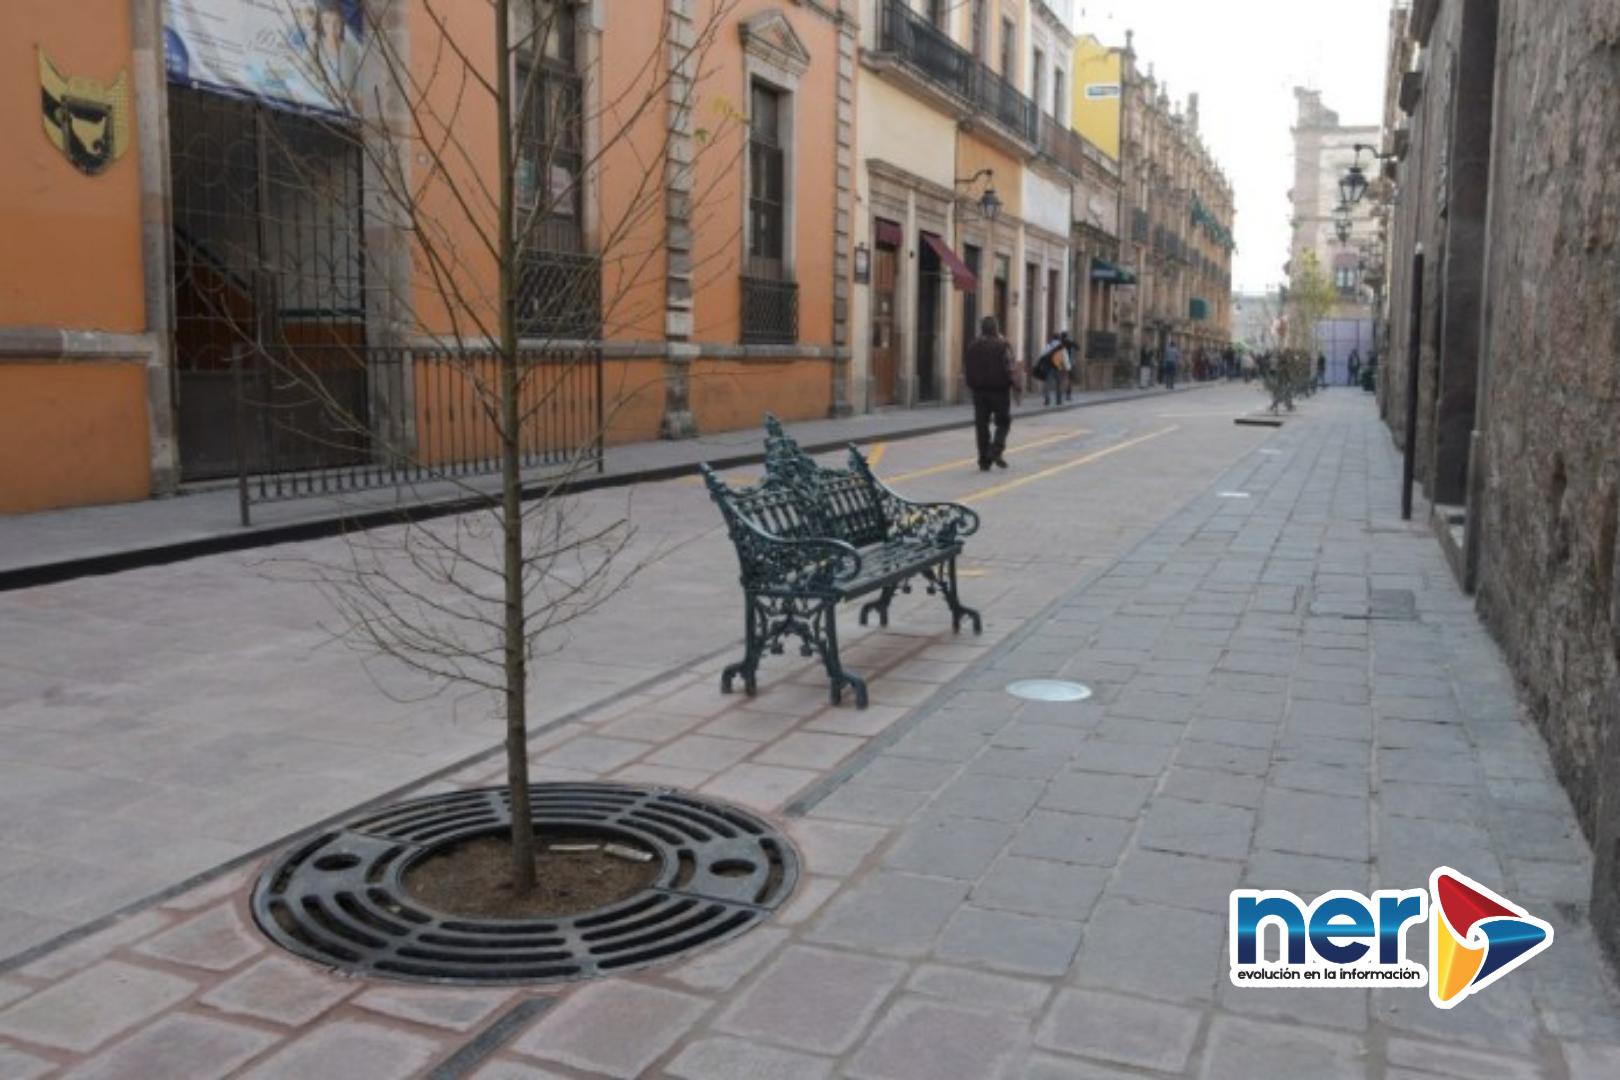 Calle Guillermo Prieto